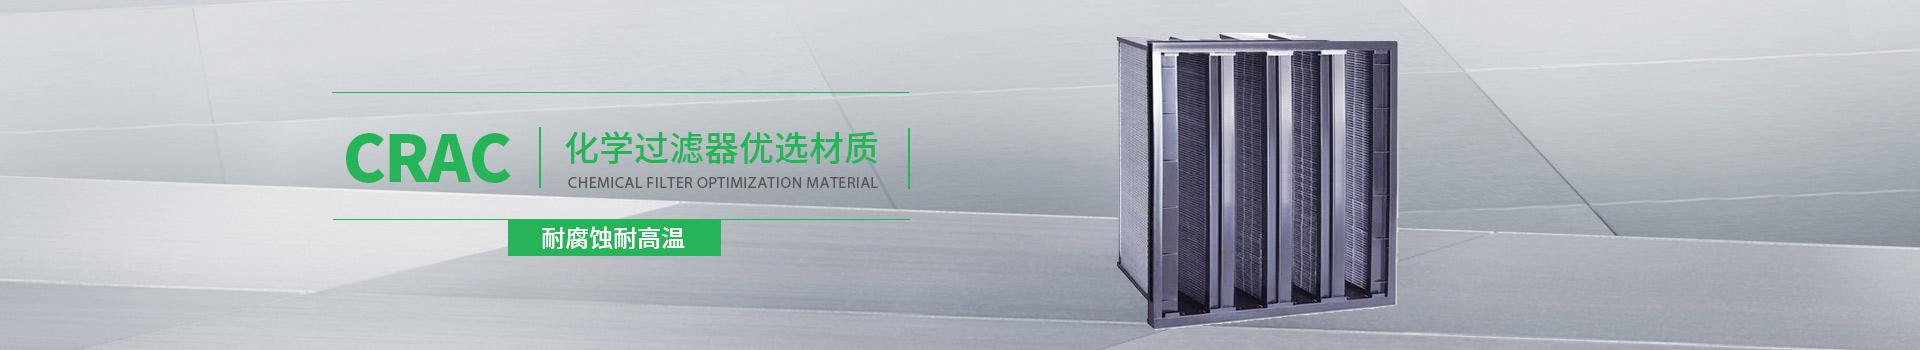 昌瑞化学过滤器优选材质,耐腐蚀耐高温